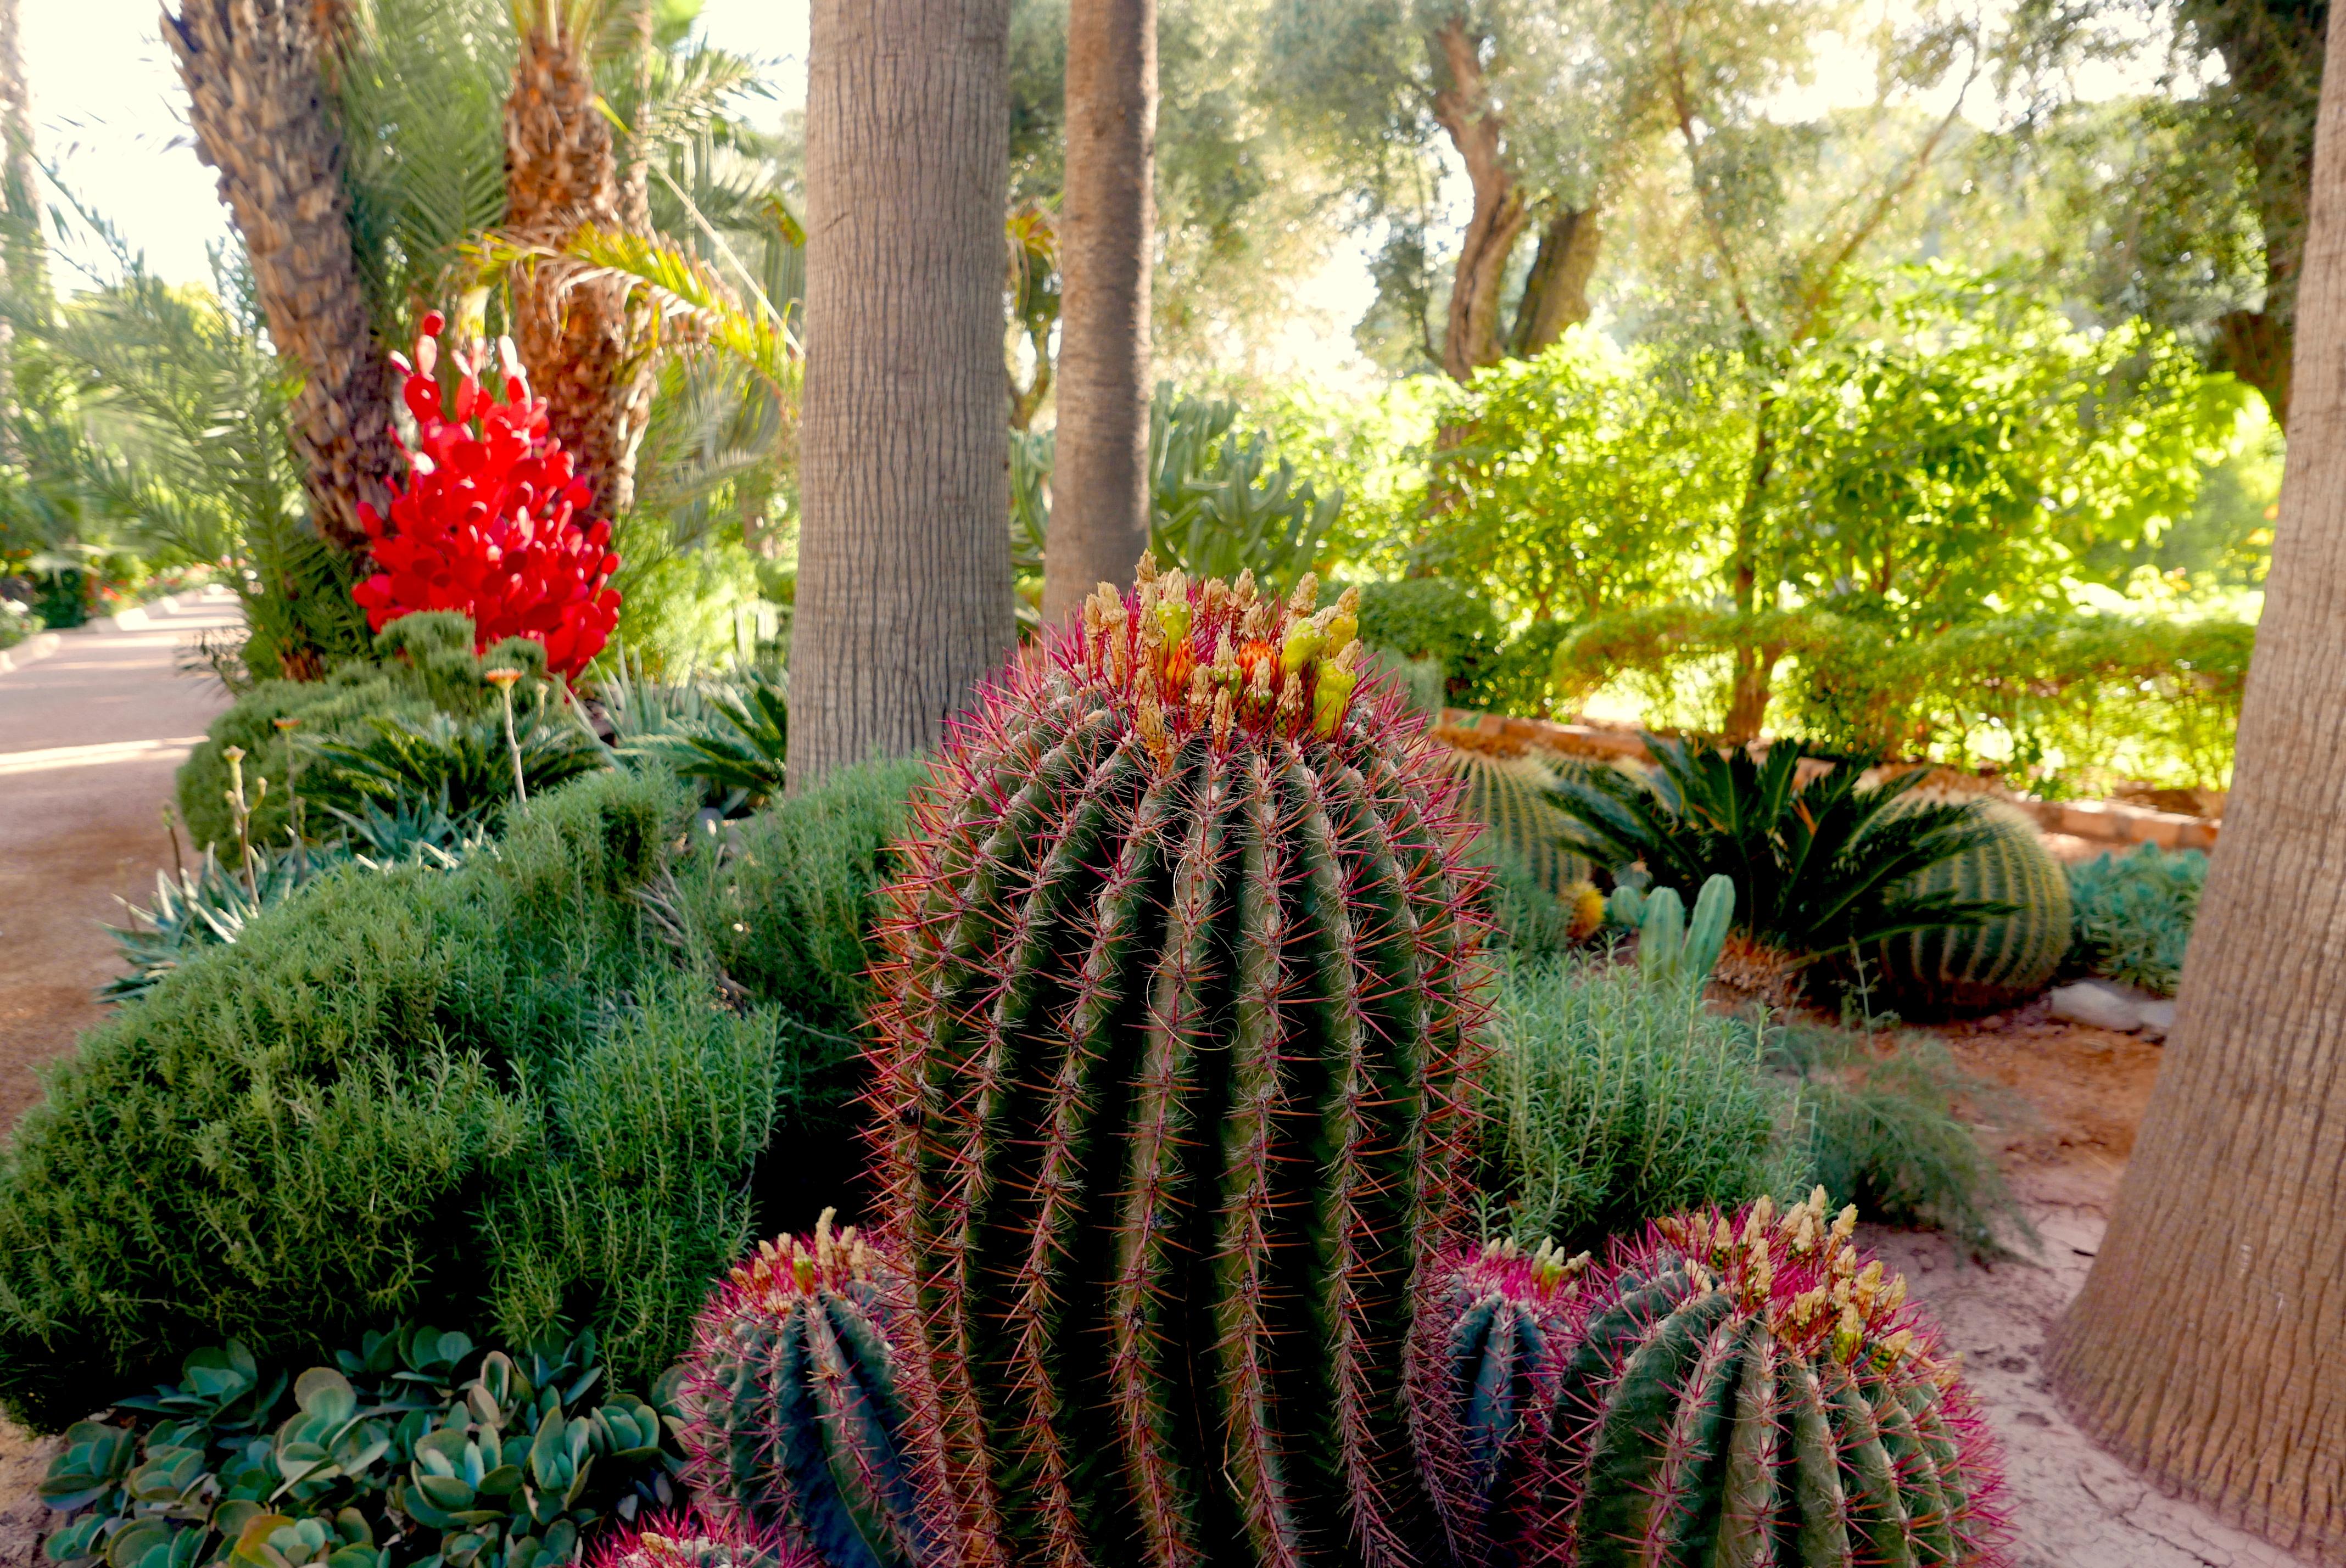 Detalhe de um dos jardins do palácio marroquino